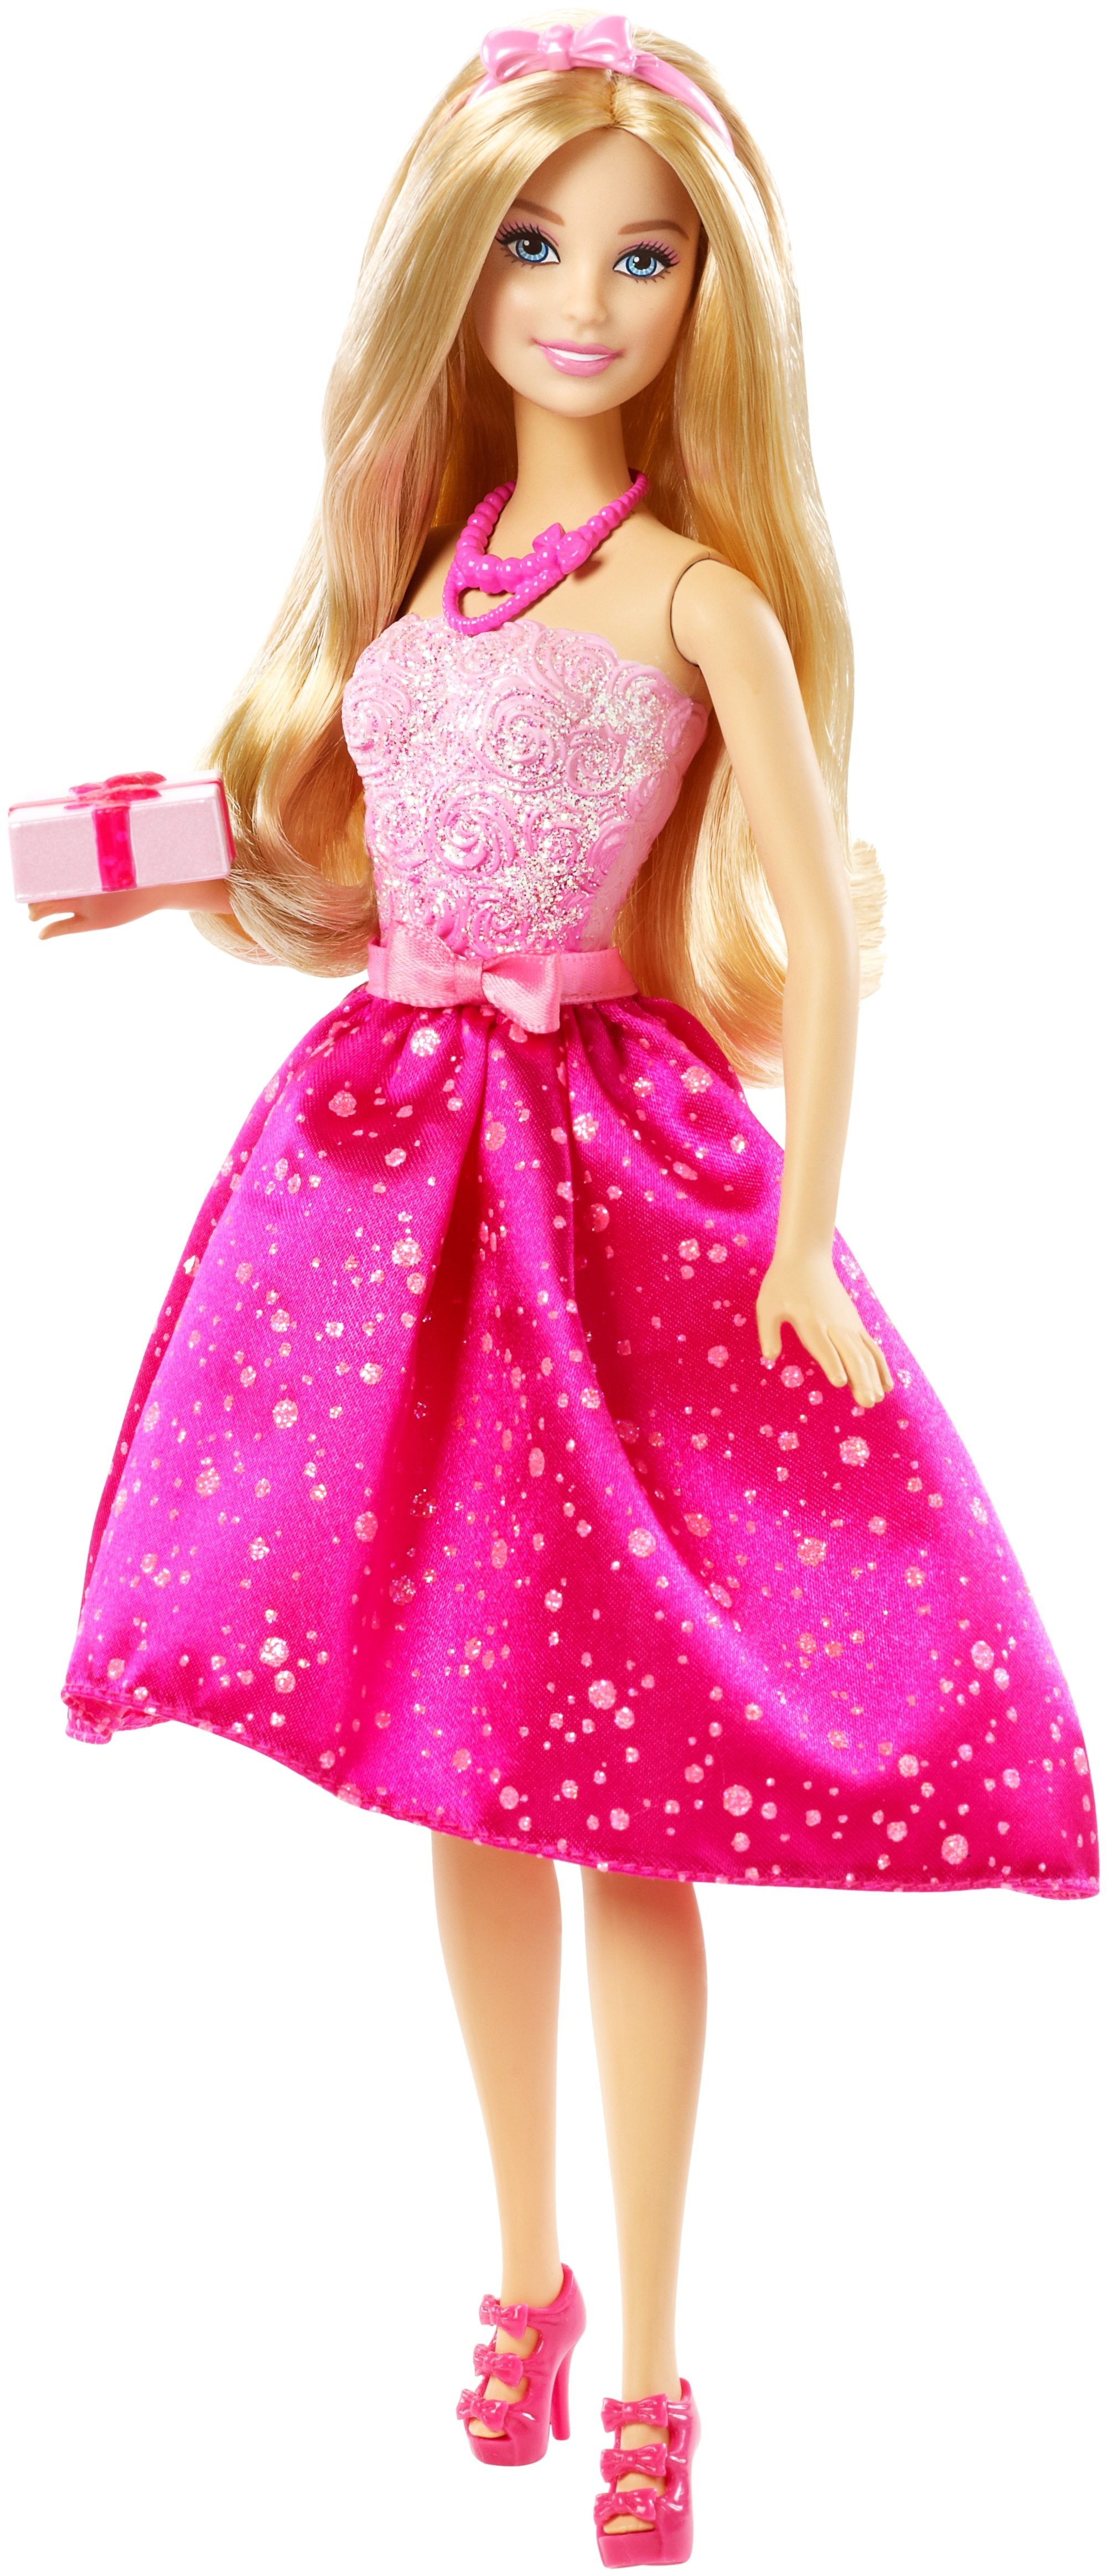 Кукла Barbie, Поздравление с днем рождения, 1шт., Barbie DHC37, Индонезия, Женский  - купить со скидкой